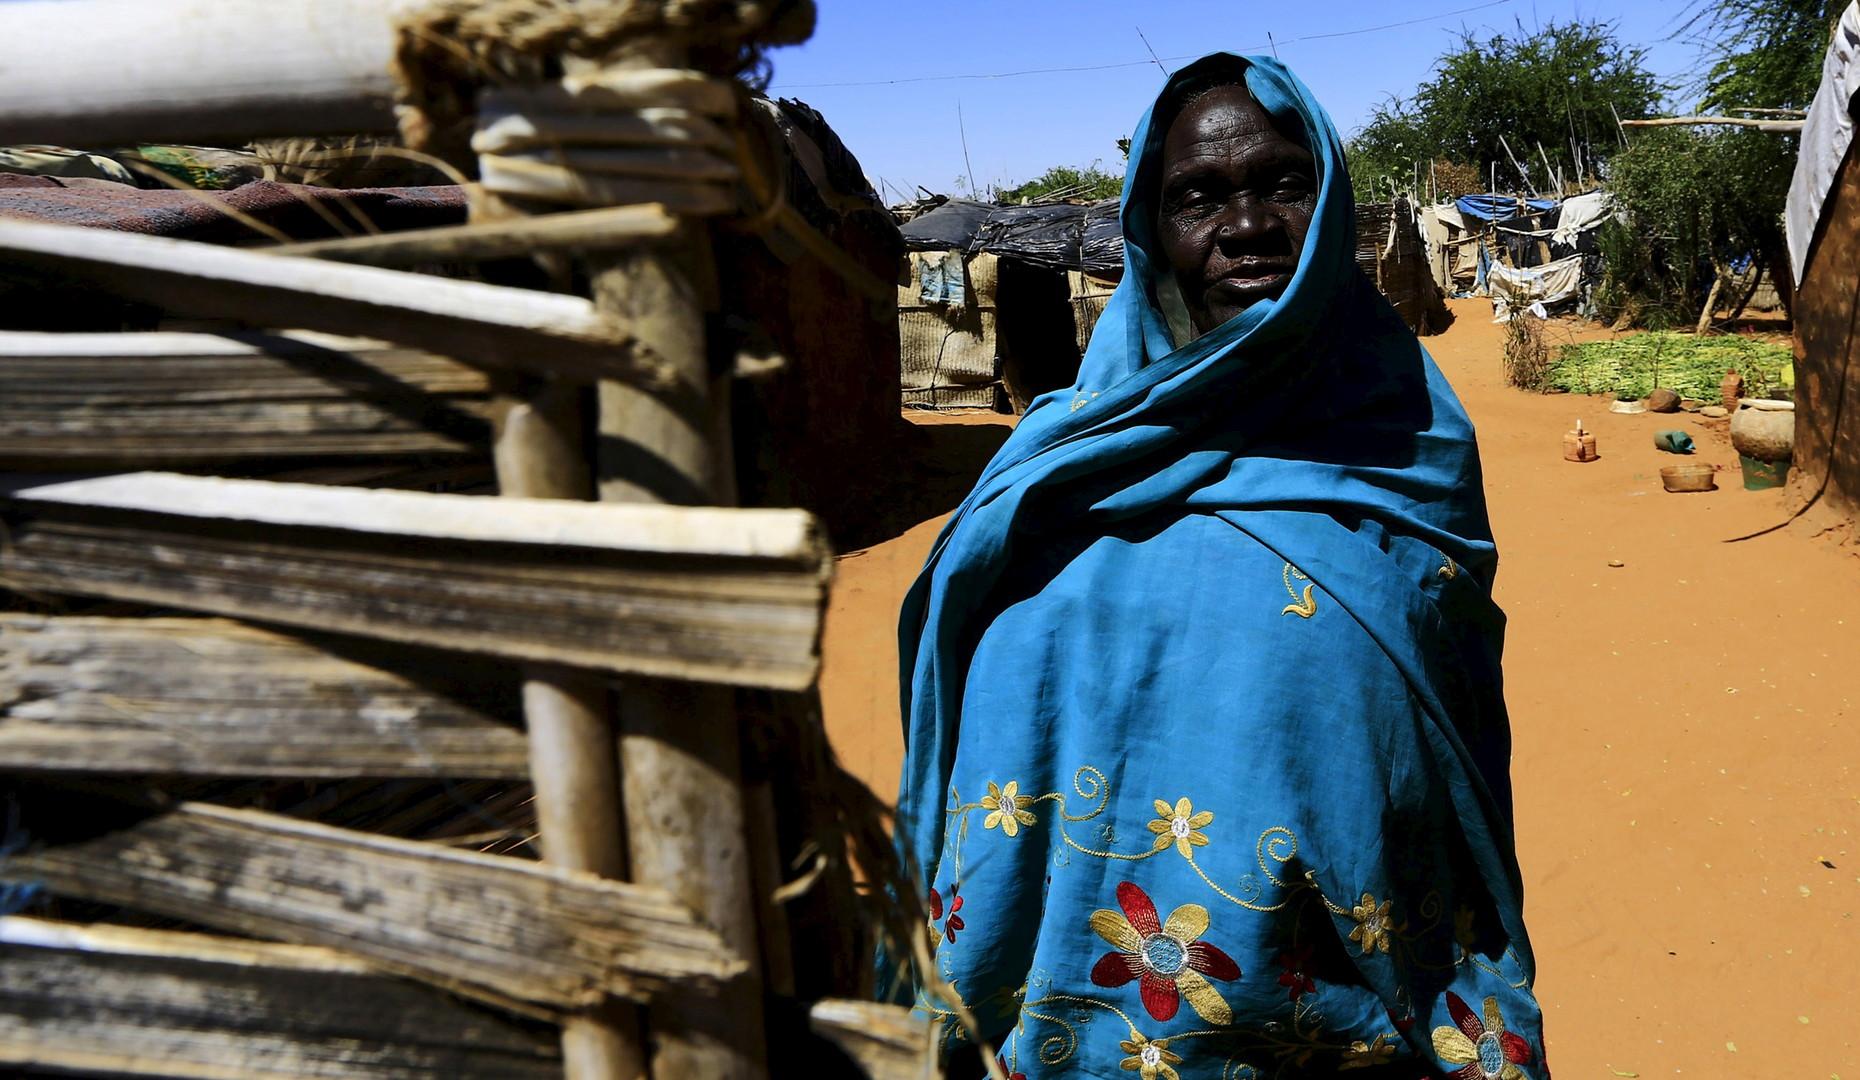 Eine Frau steht in einem Auffanglager für intern vertriebene Flüchtlinge in Nyala, Süd-Darfur.